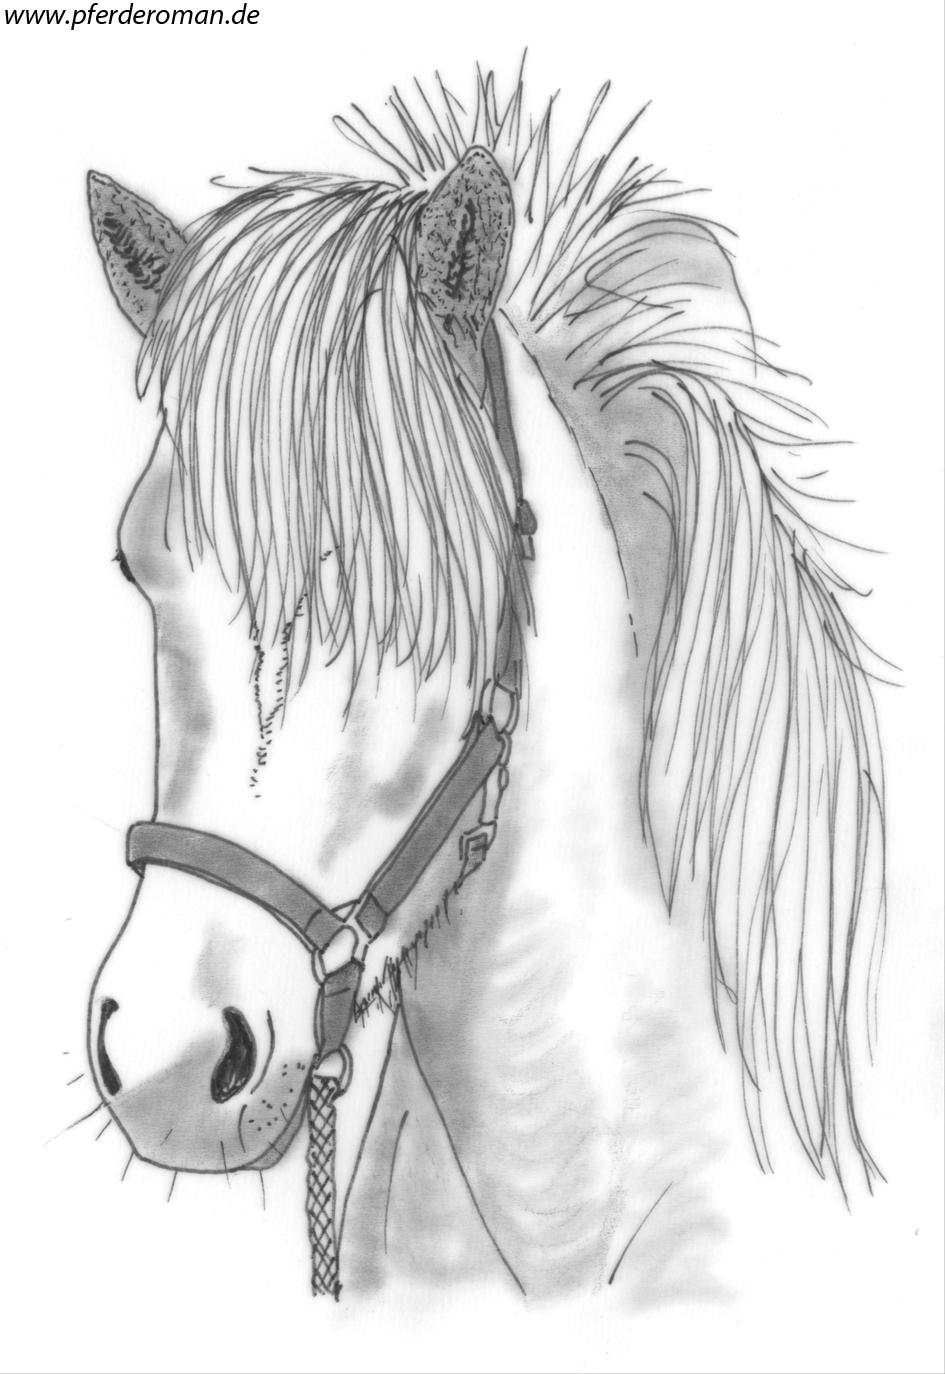 Kostenloste Pferdebilder Zum Ausmalen mit Pferdebilder Zum Ausmalen Und Ausdrucken